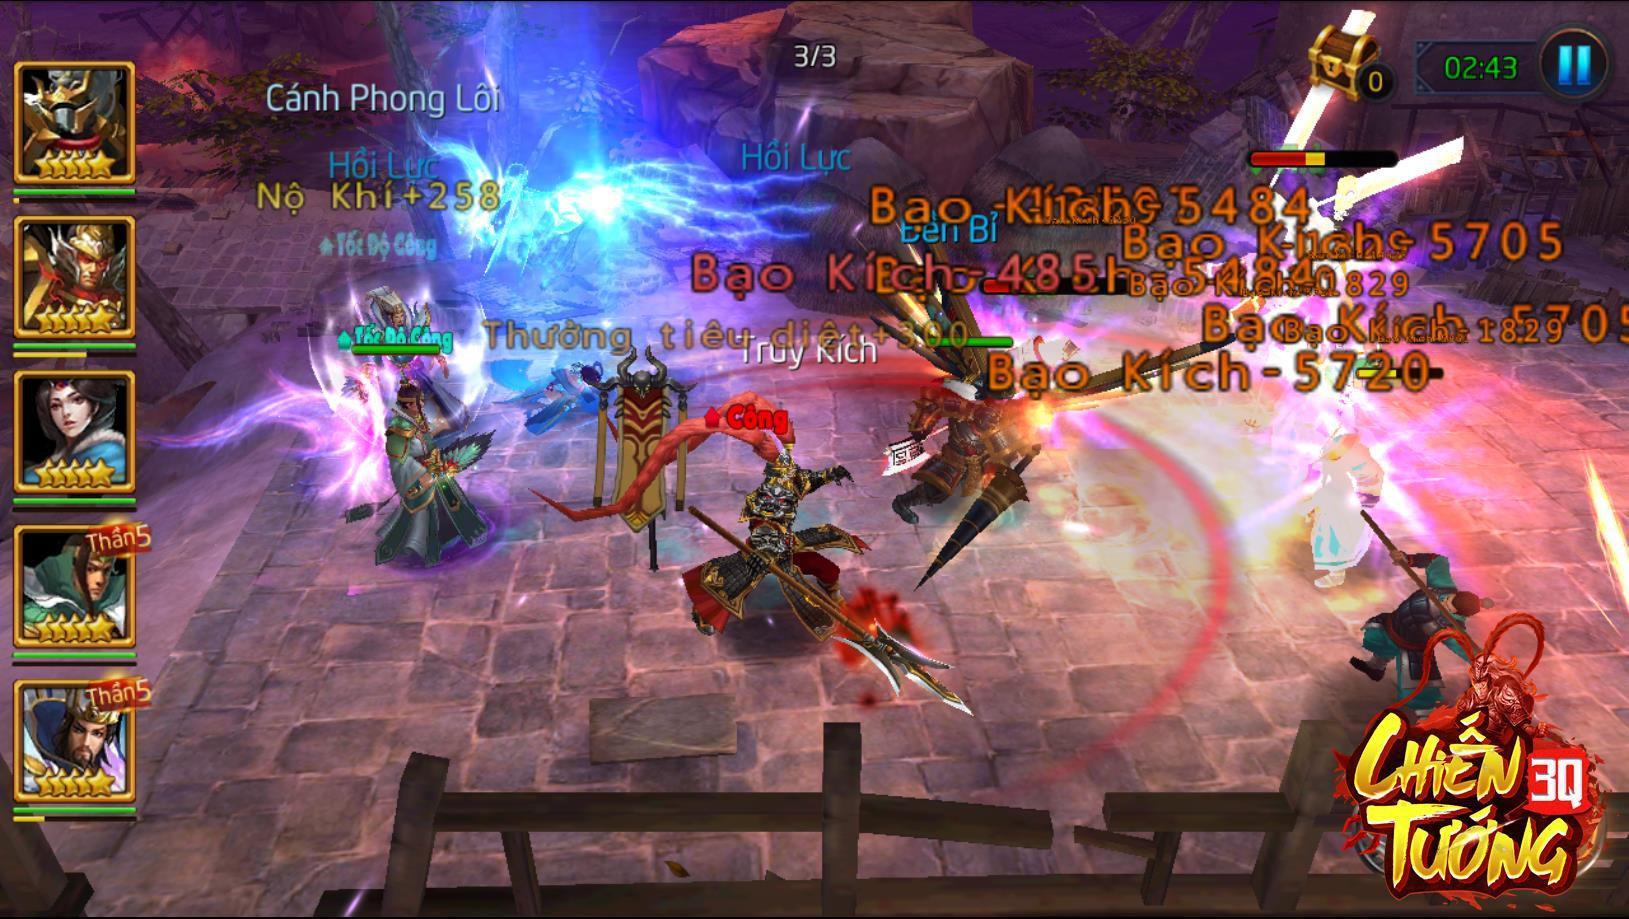 SohaGame định ngày ra mắt Chiến Tướng 3Q - Game đấu thẻ tướng đậm chất hành động 0